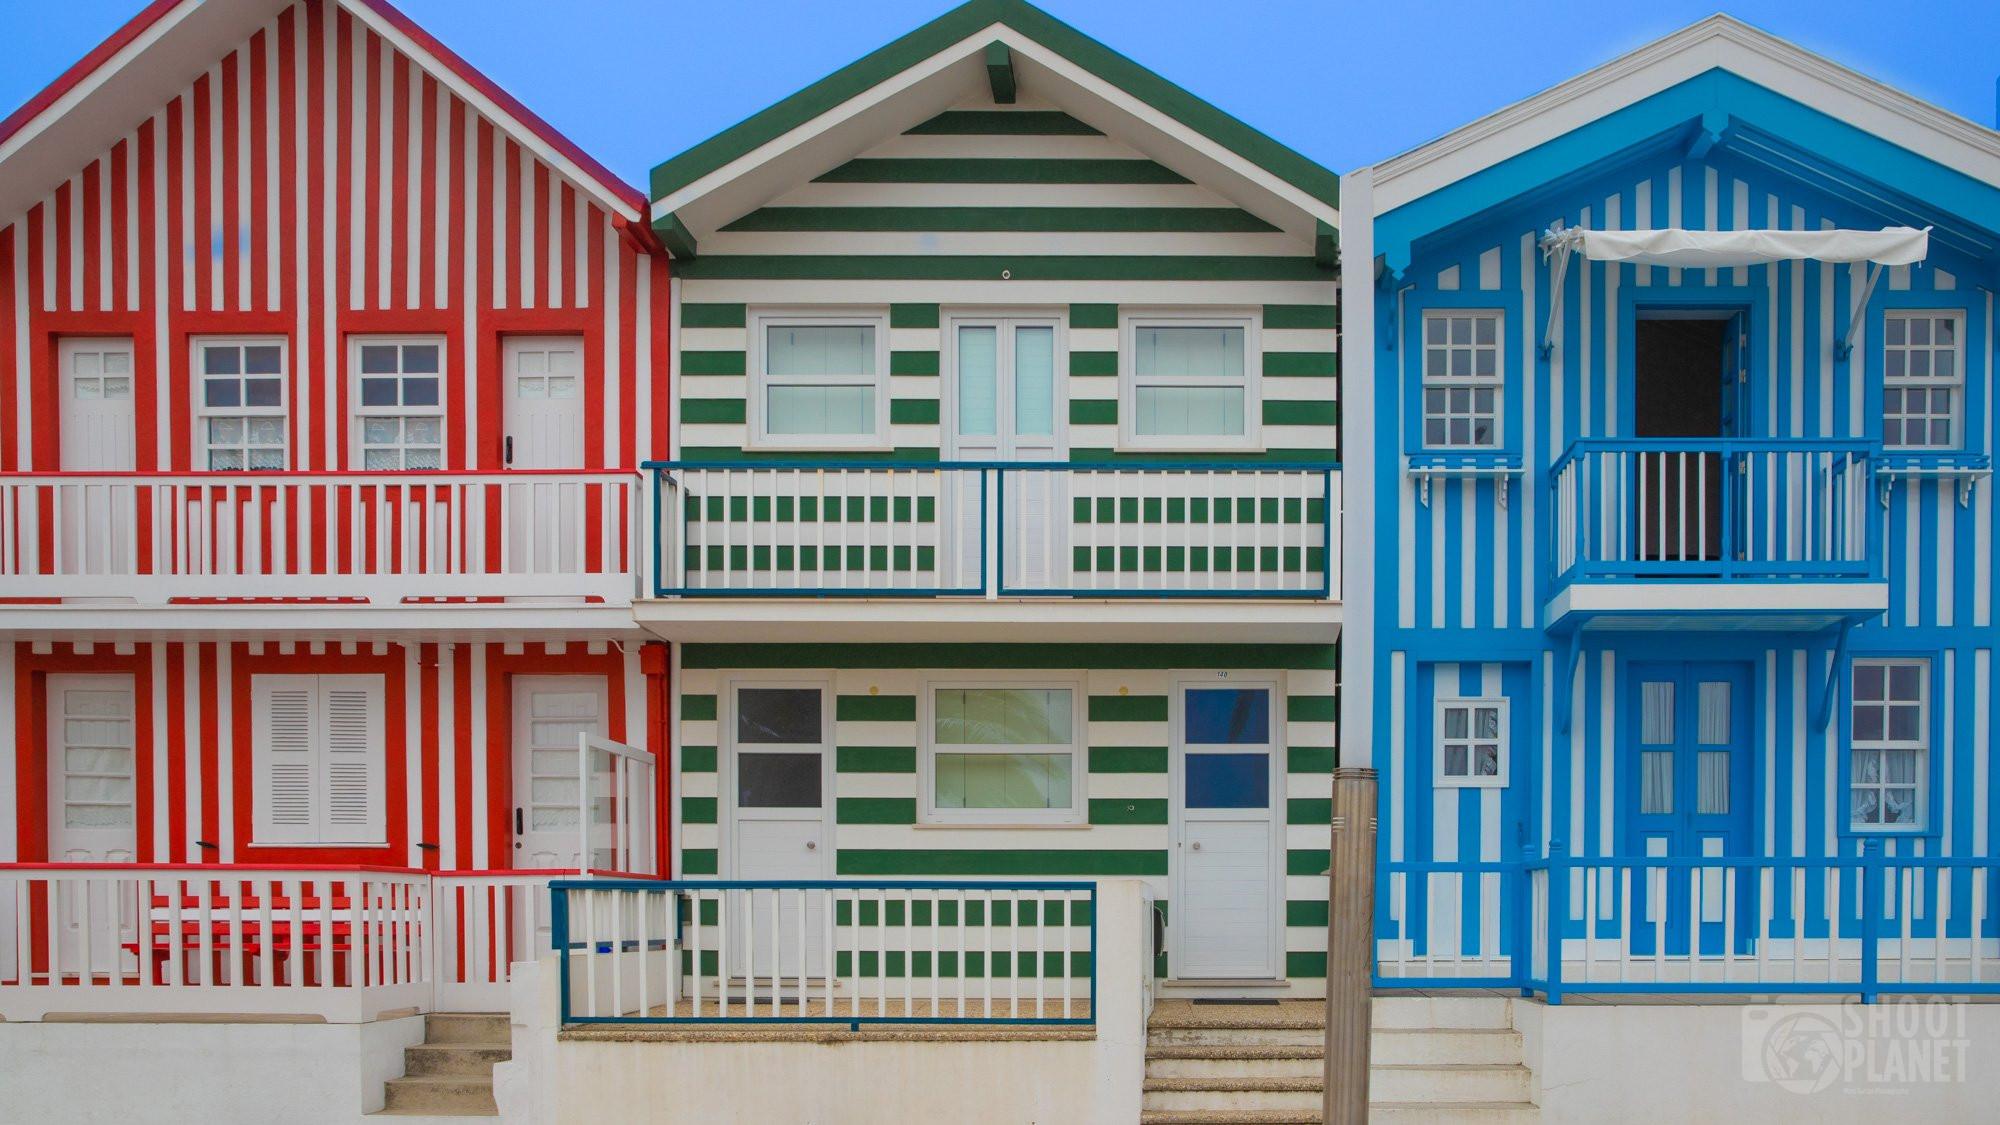 Costa Nova beach houses, Aveiro Portugal